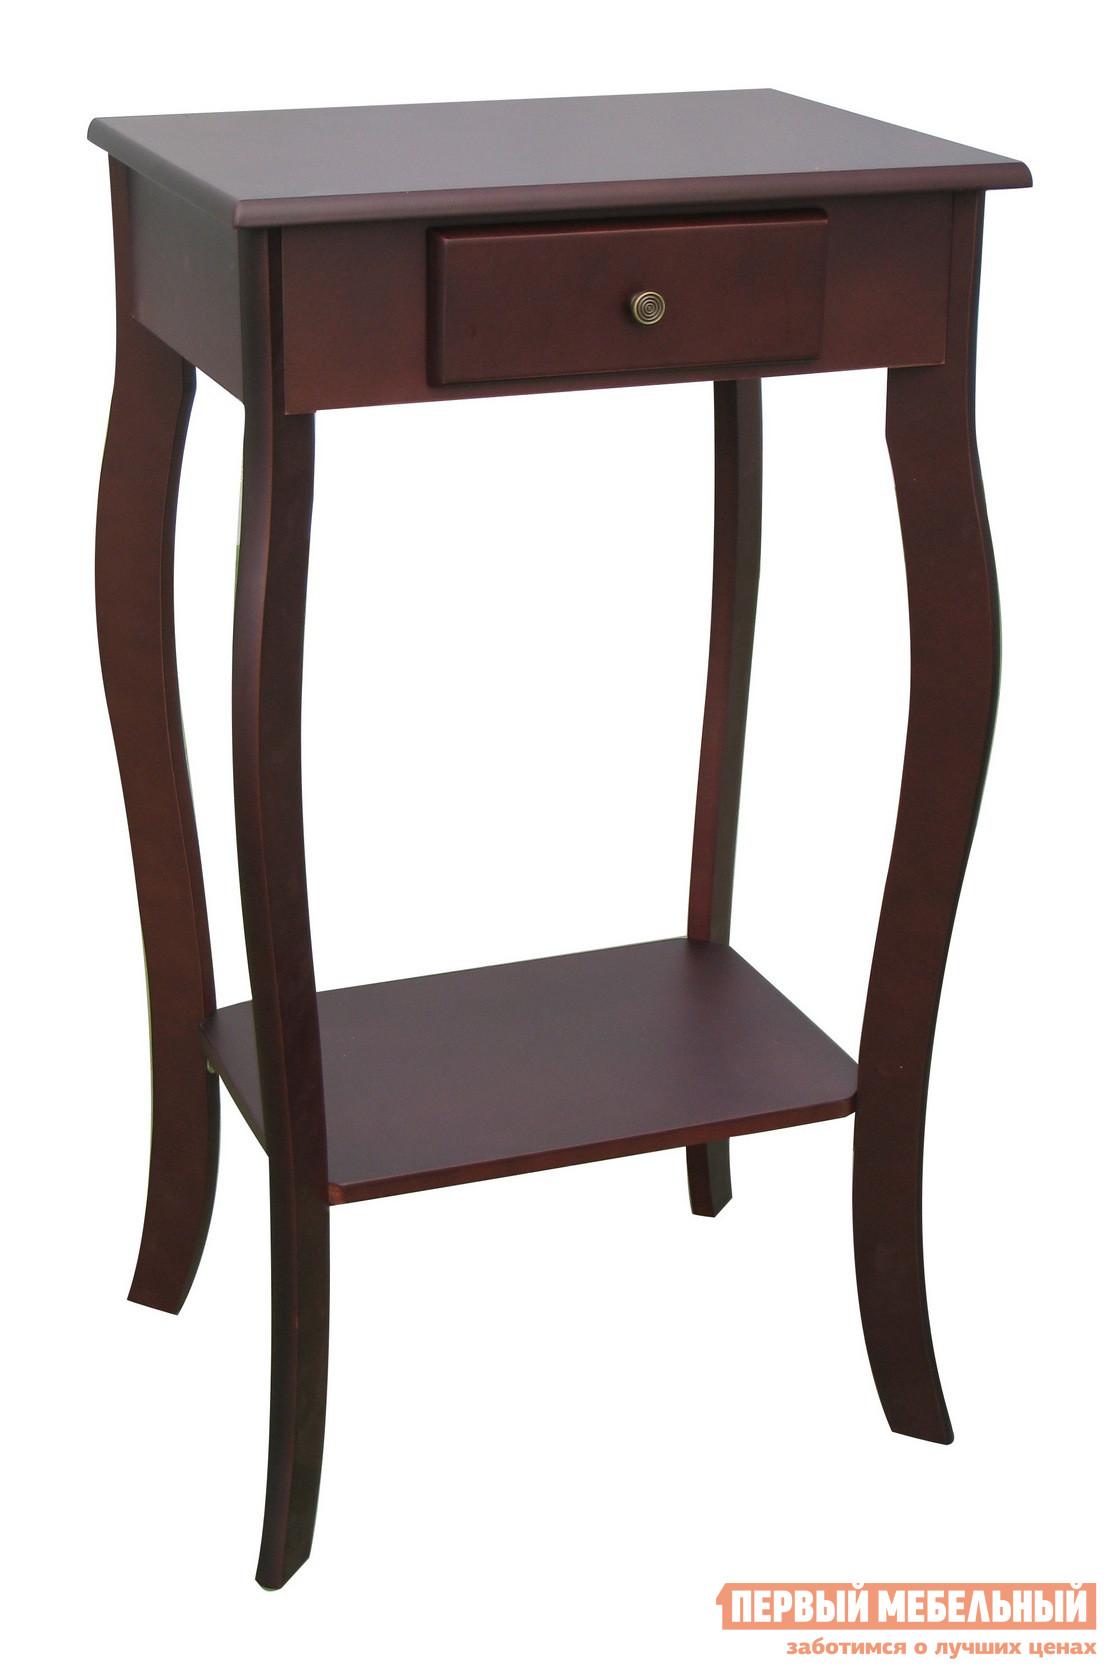 Журнальный столик МебельТорг Столик журнальный 1685 Махагон